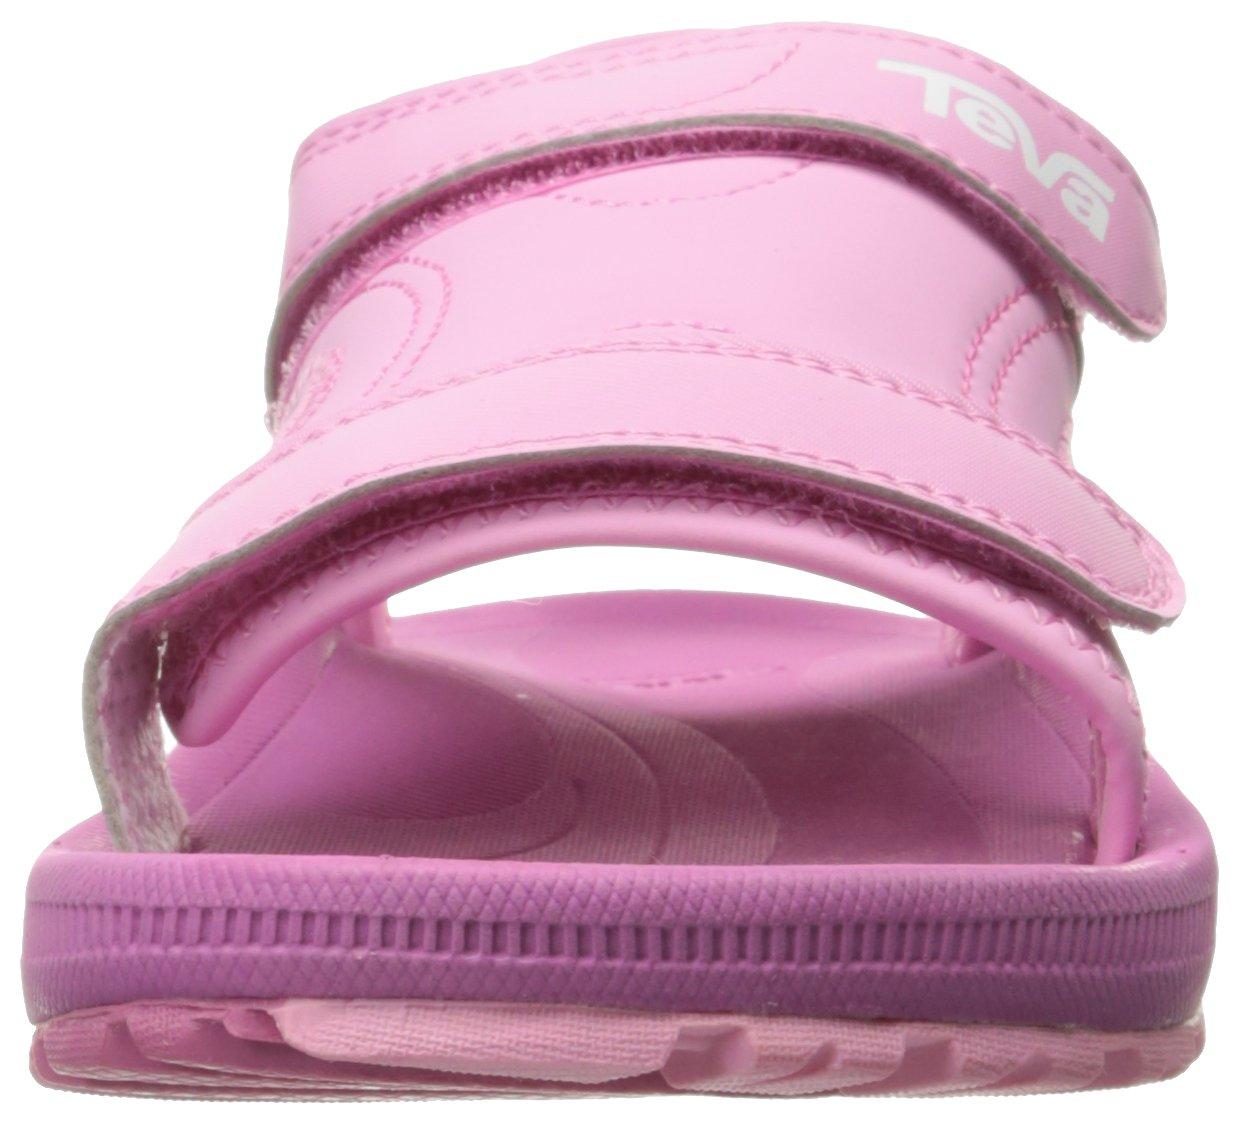 Teva Girls' Psyclone 4 Sandal, Pink, 1 M US Little Kid by Teva (Image #4)